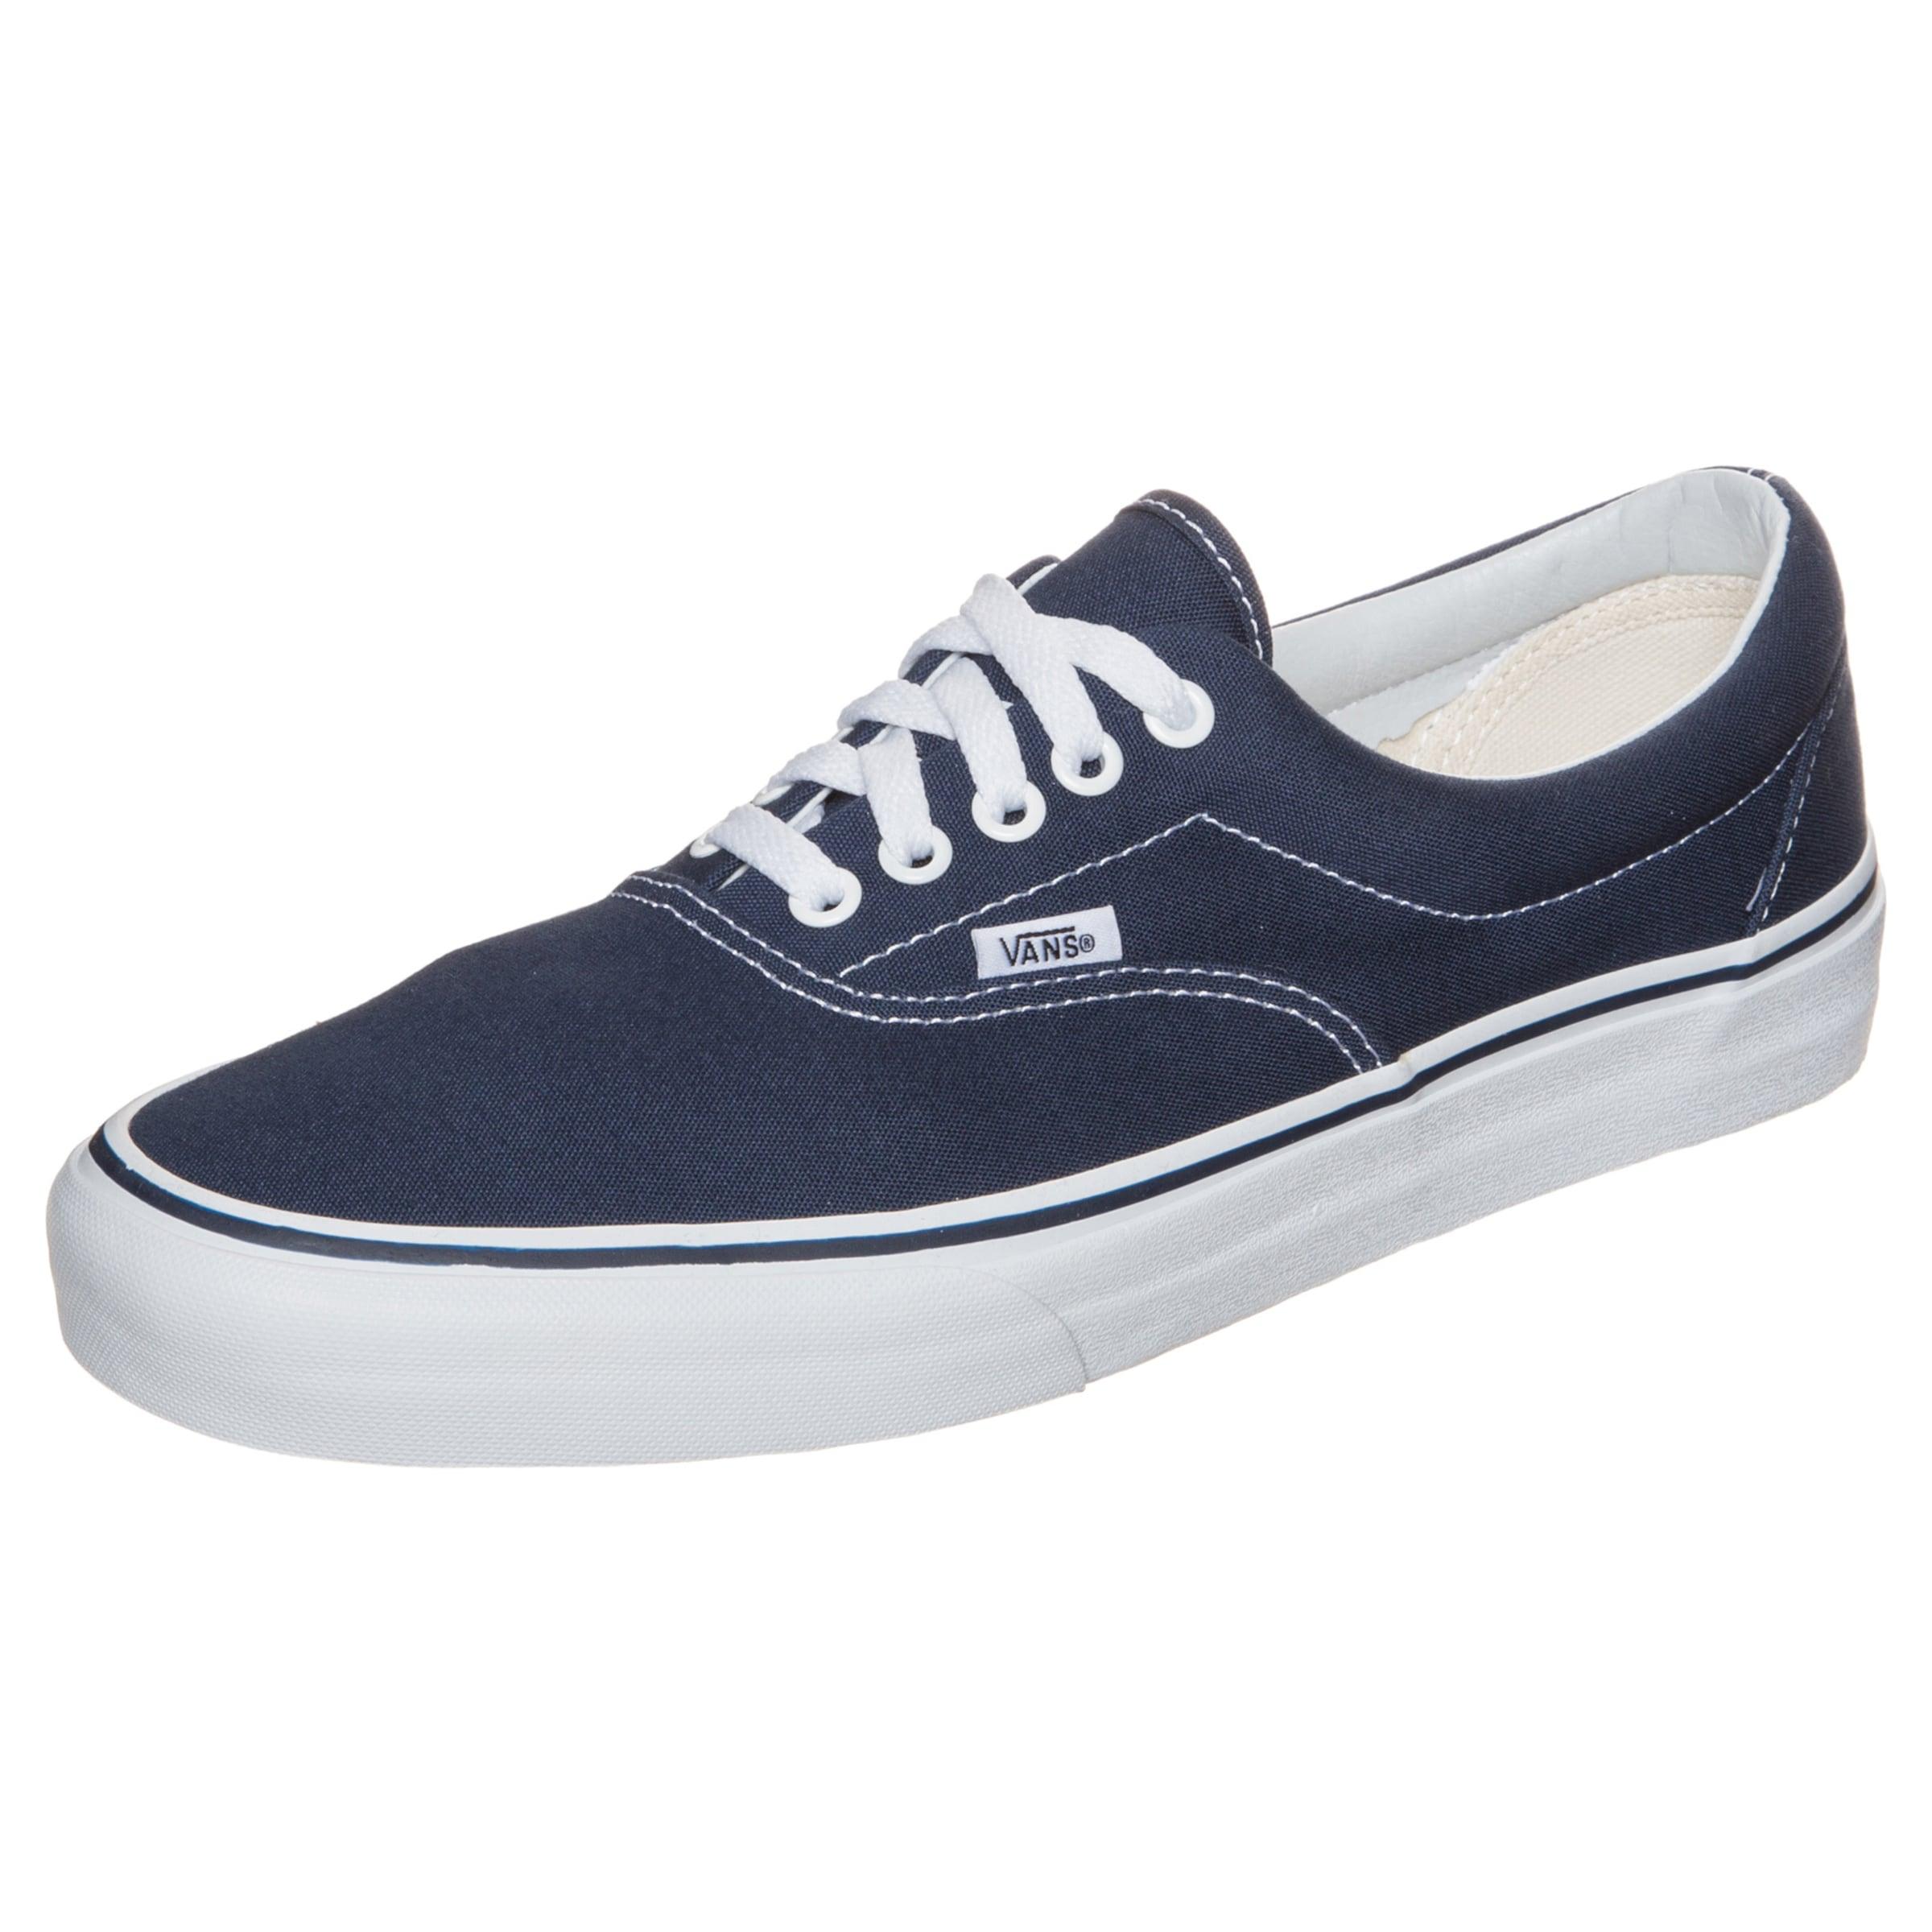 Haltbare Mode billige Schuhe VANS Gut | Sneaker Era Schuhe Gut VANS getragene Schuhe 3324e6